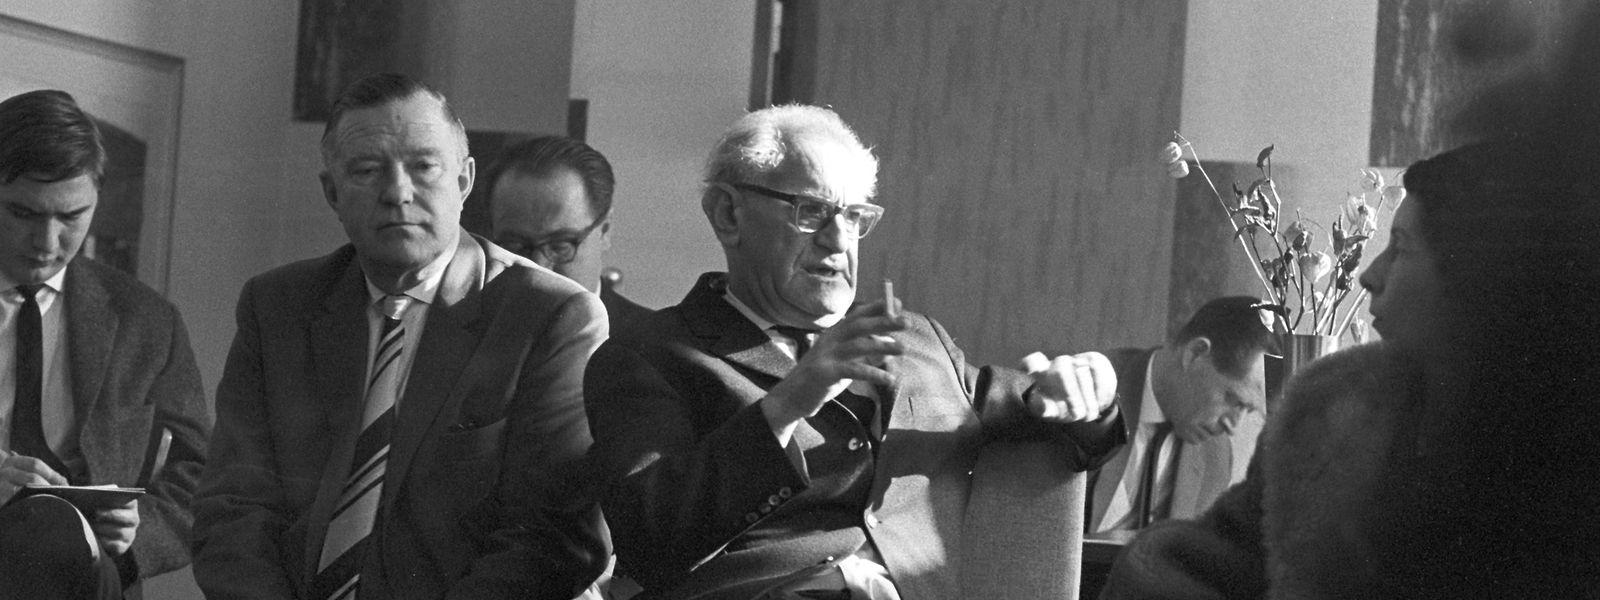 Fritz Bauer 1964 in Frankfurt während der Auschwitz-Prozesse.